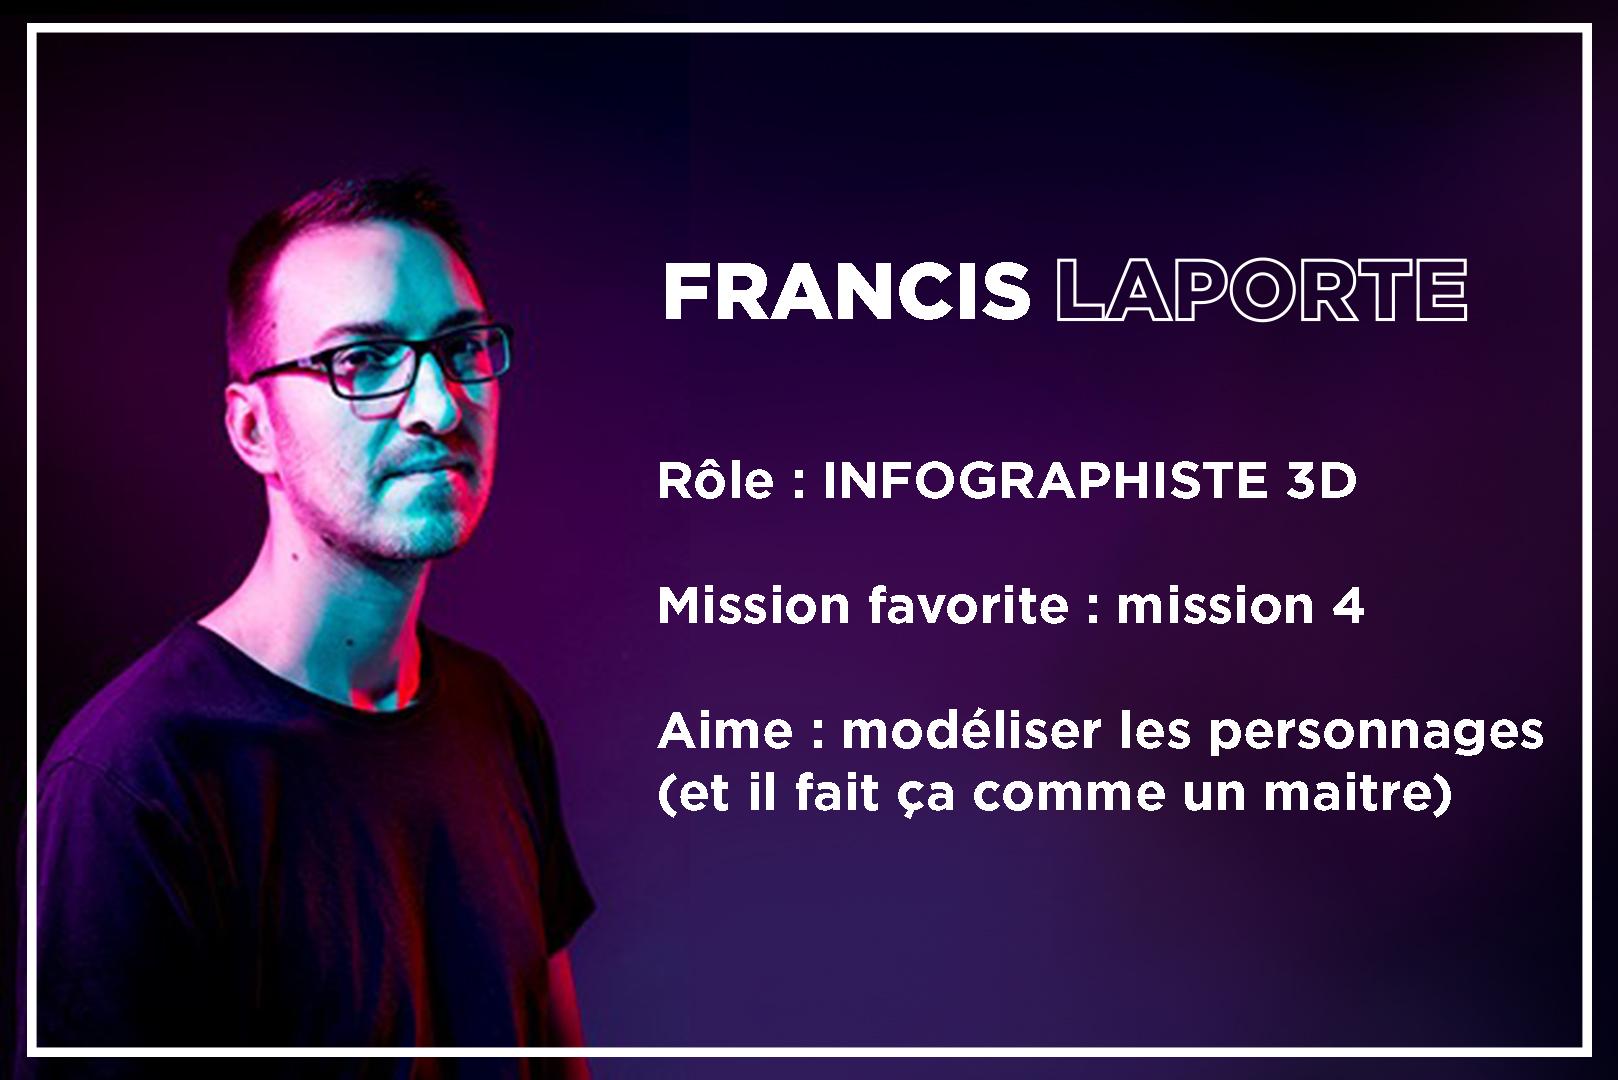 Fancis Laporte employé du studio de développement à Virtual Room